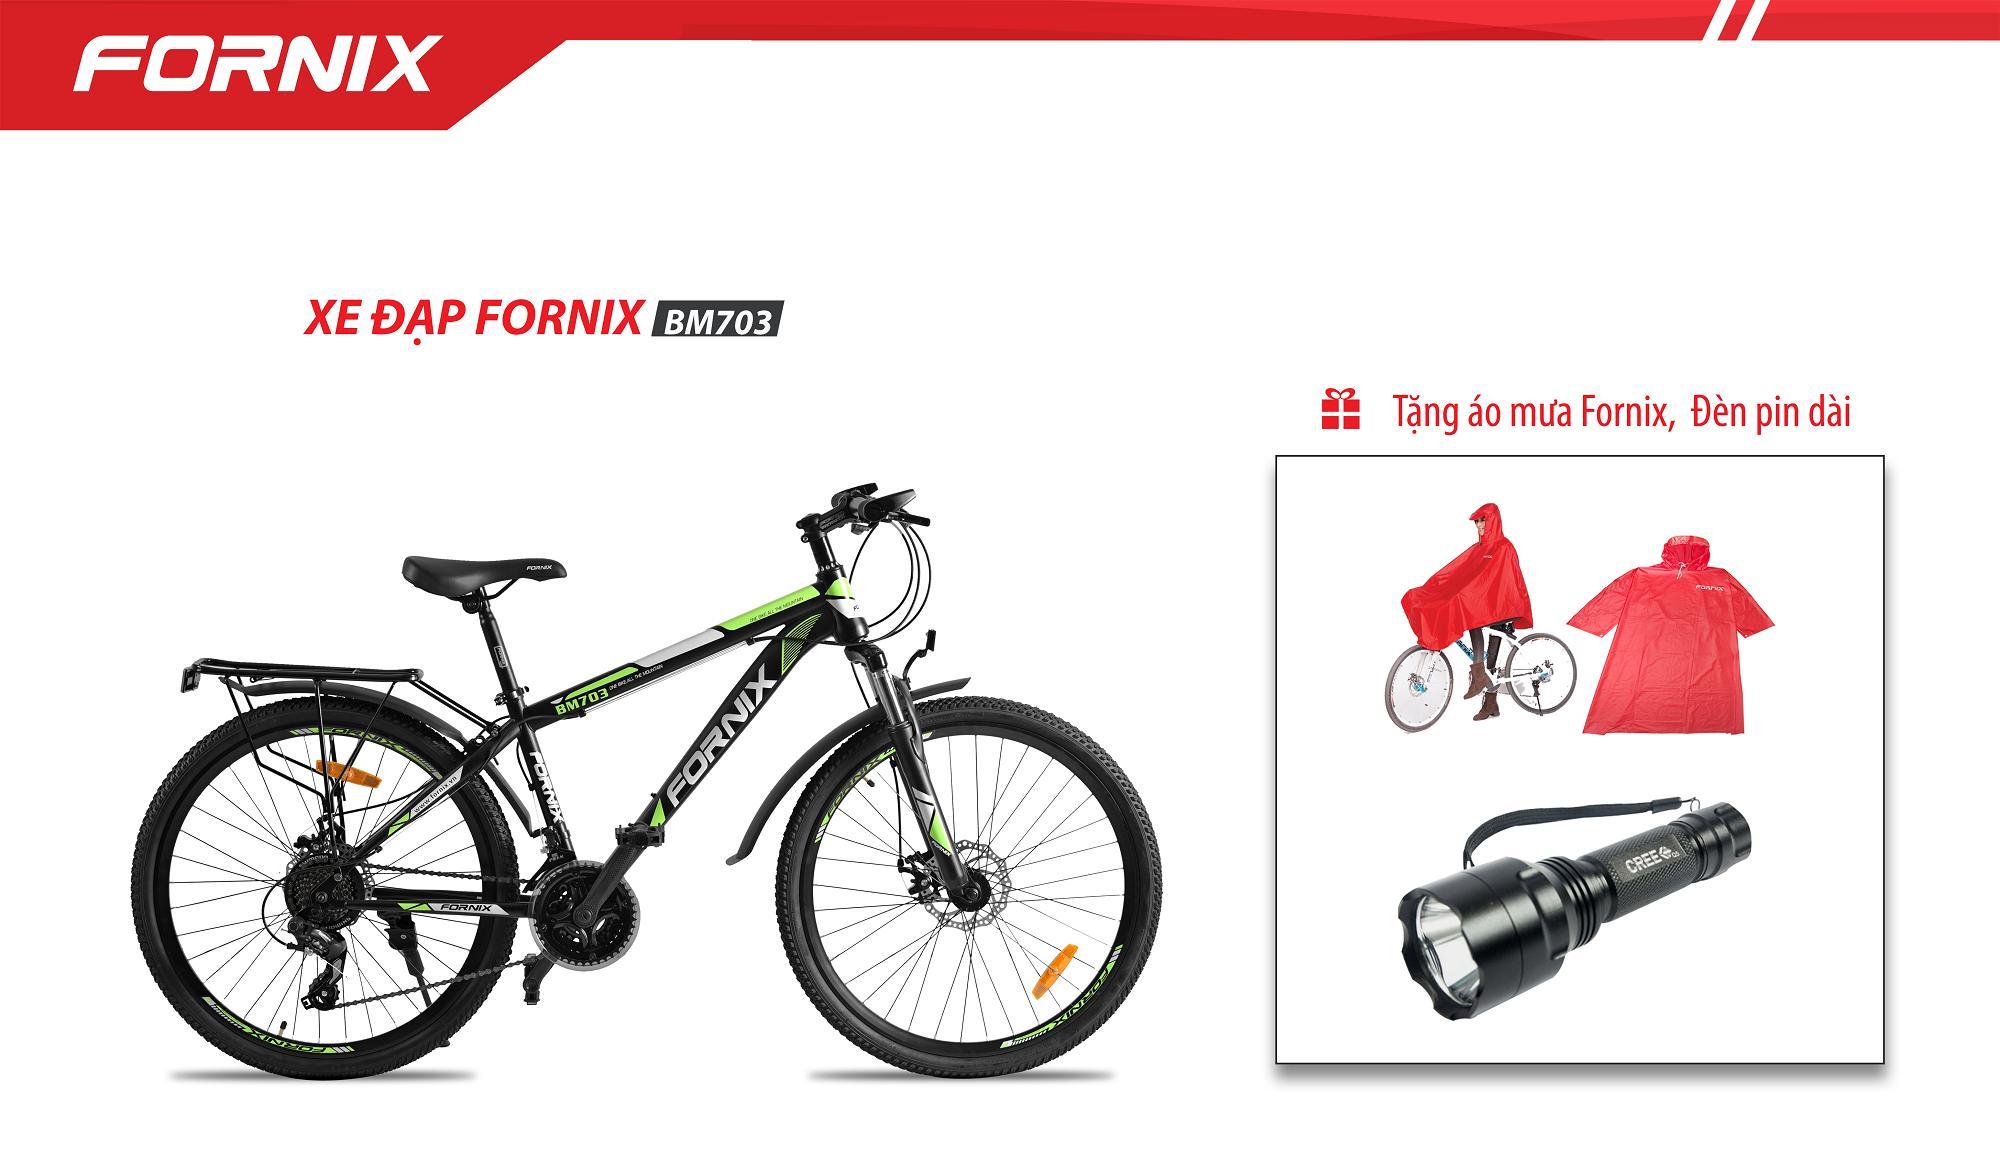 Xe đạp địa hình hiệu FORNIX BM703 + tặng áo mưa fornix và đèn pin